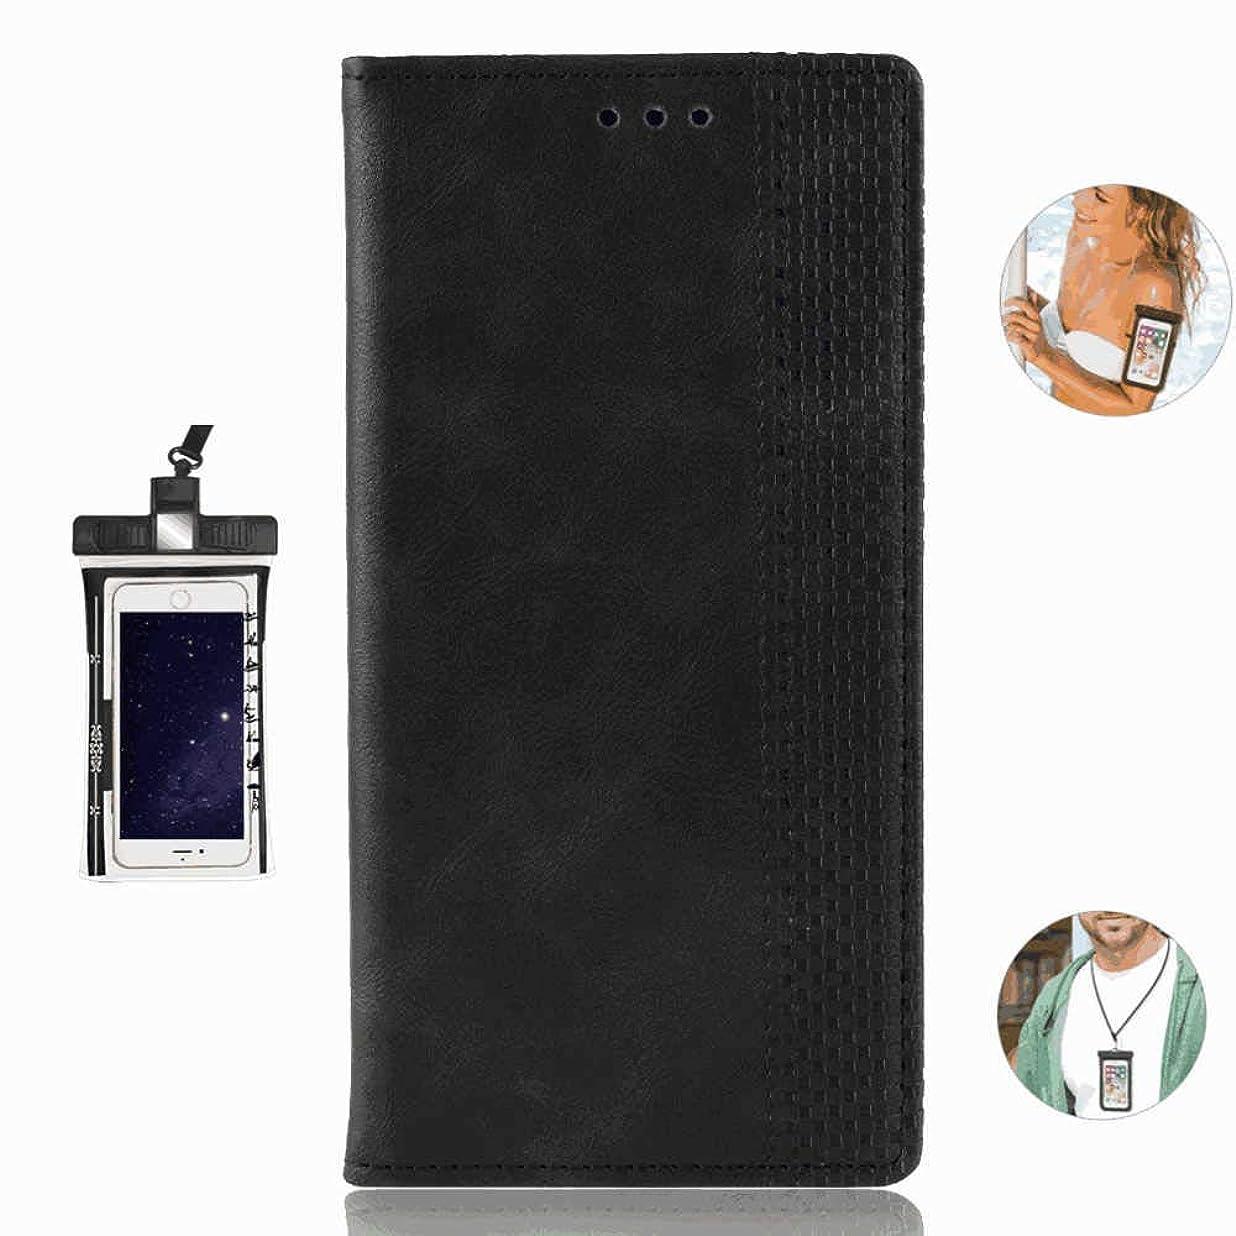 風邪をひく独創的フレキシブル高級PUレザー 手帳型 Huawei Nova4 ケース 本革 スマホケース スマートフォン ポーチ 財布 カバー収納 無料付防水ポーチケース